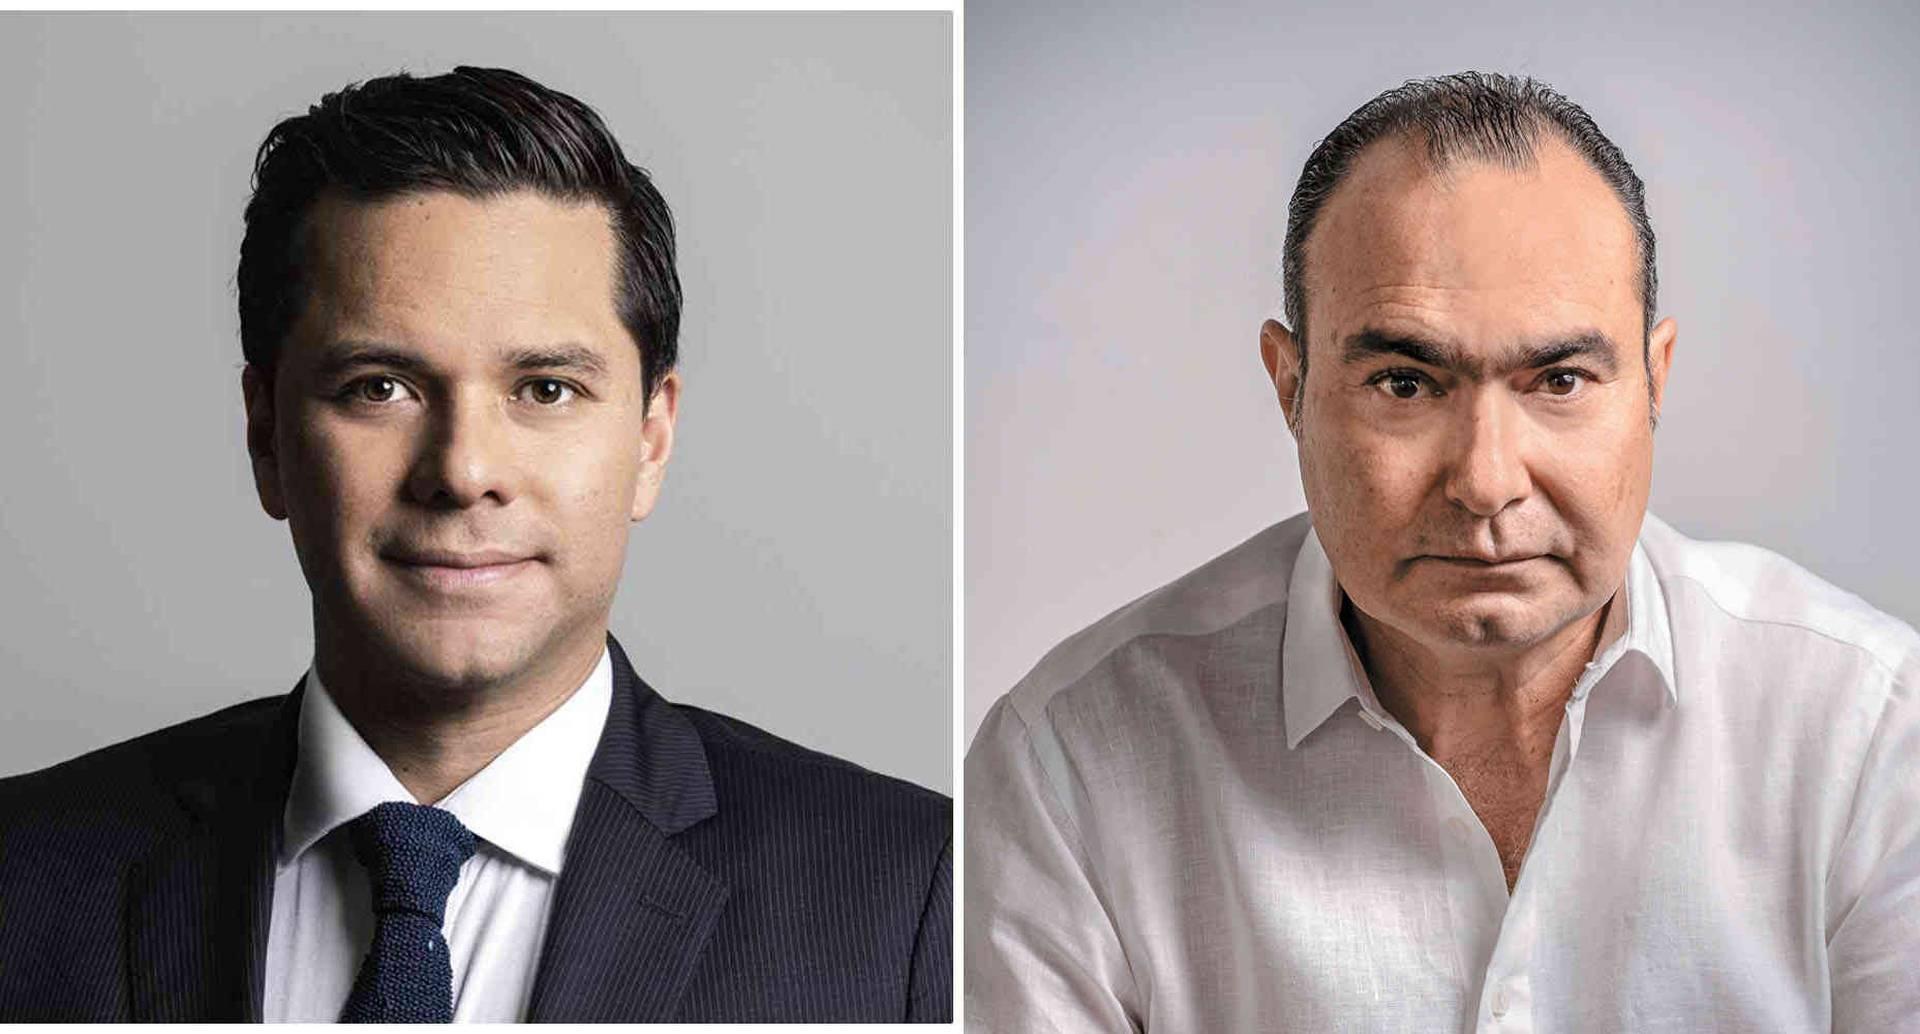 Jorge Pretelt es señalado de haberle solicitado a la empresa Fidupetrol, 500 millones de pesos para favorecerla en el trámite de una tutela.